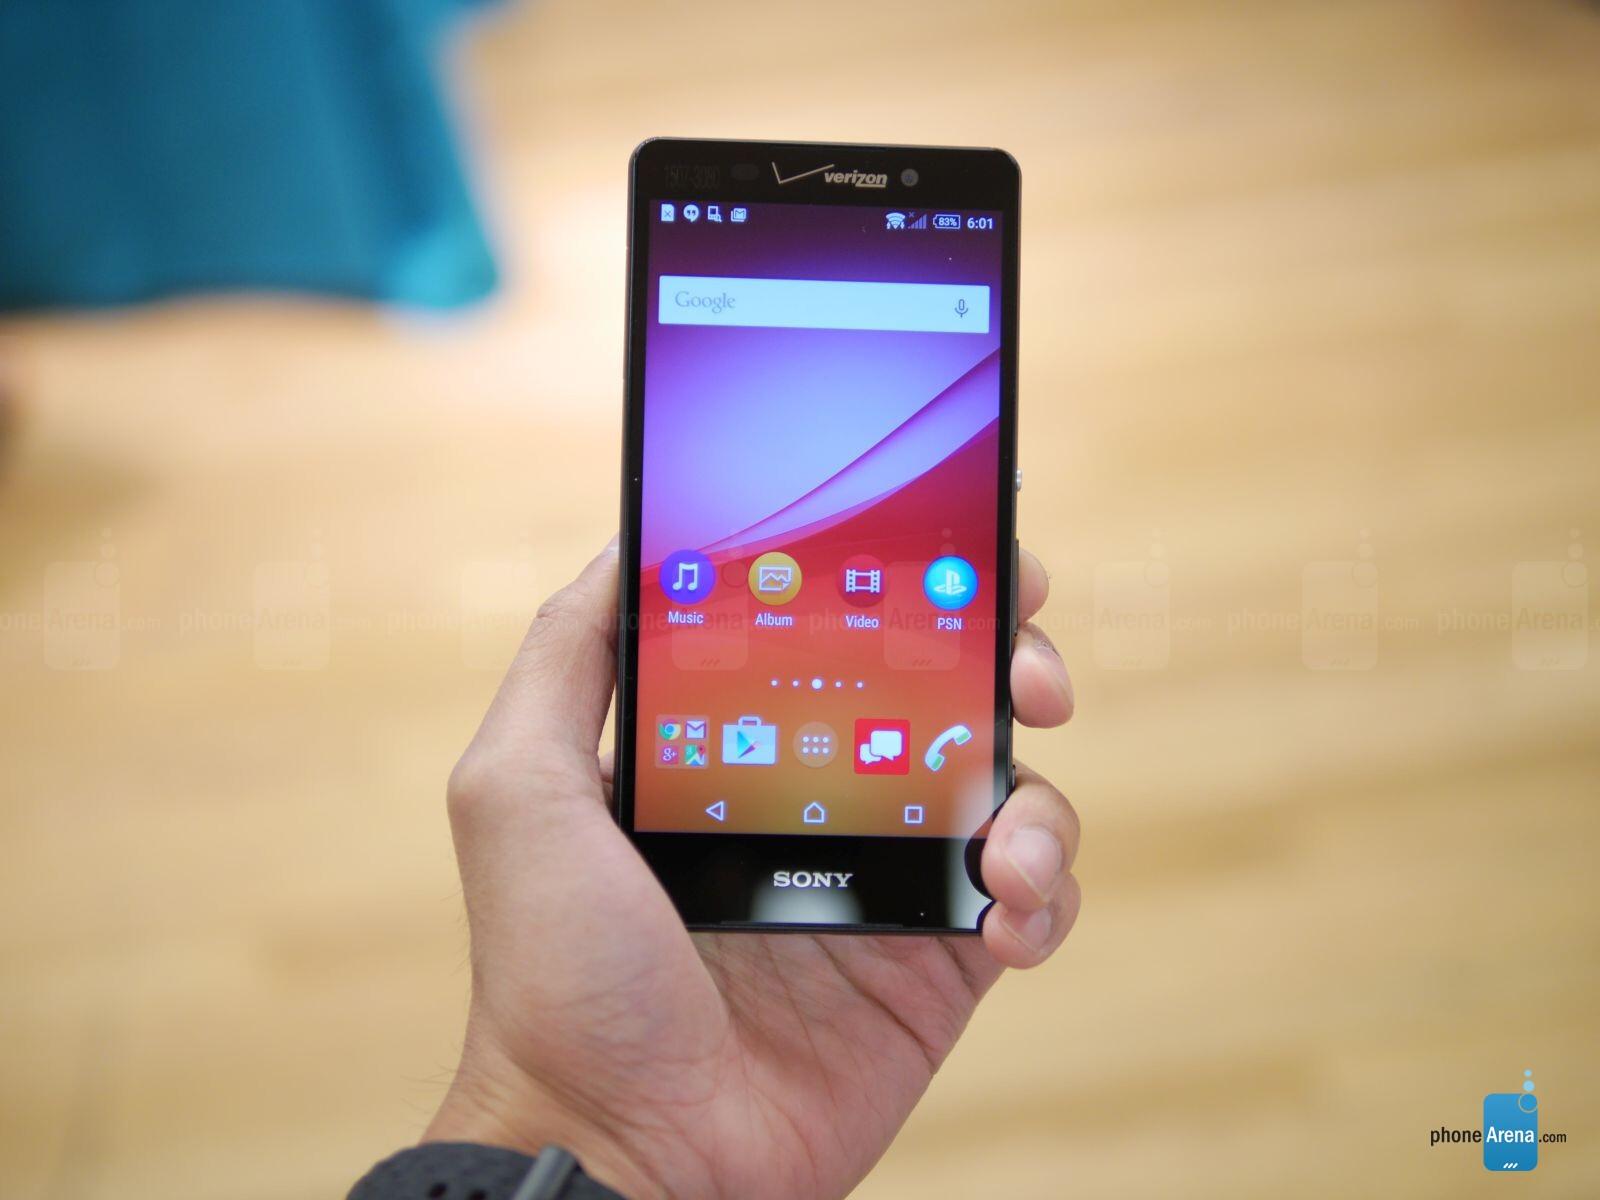 Sony xperia z4v smartphone - ab